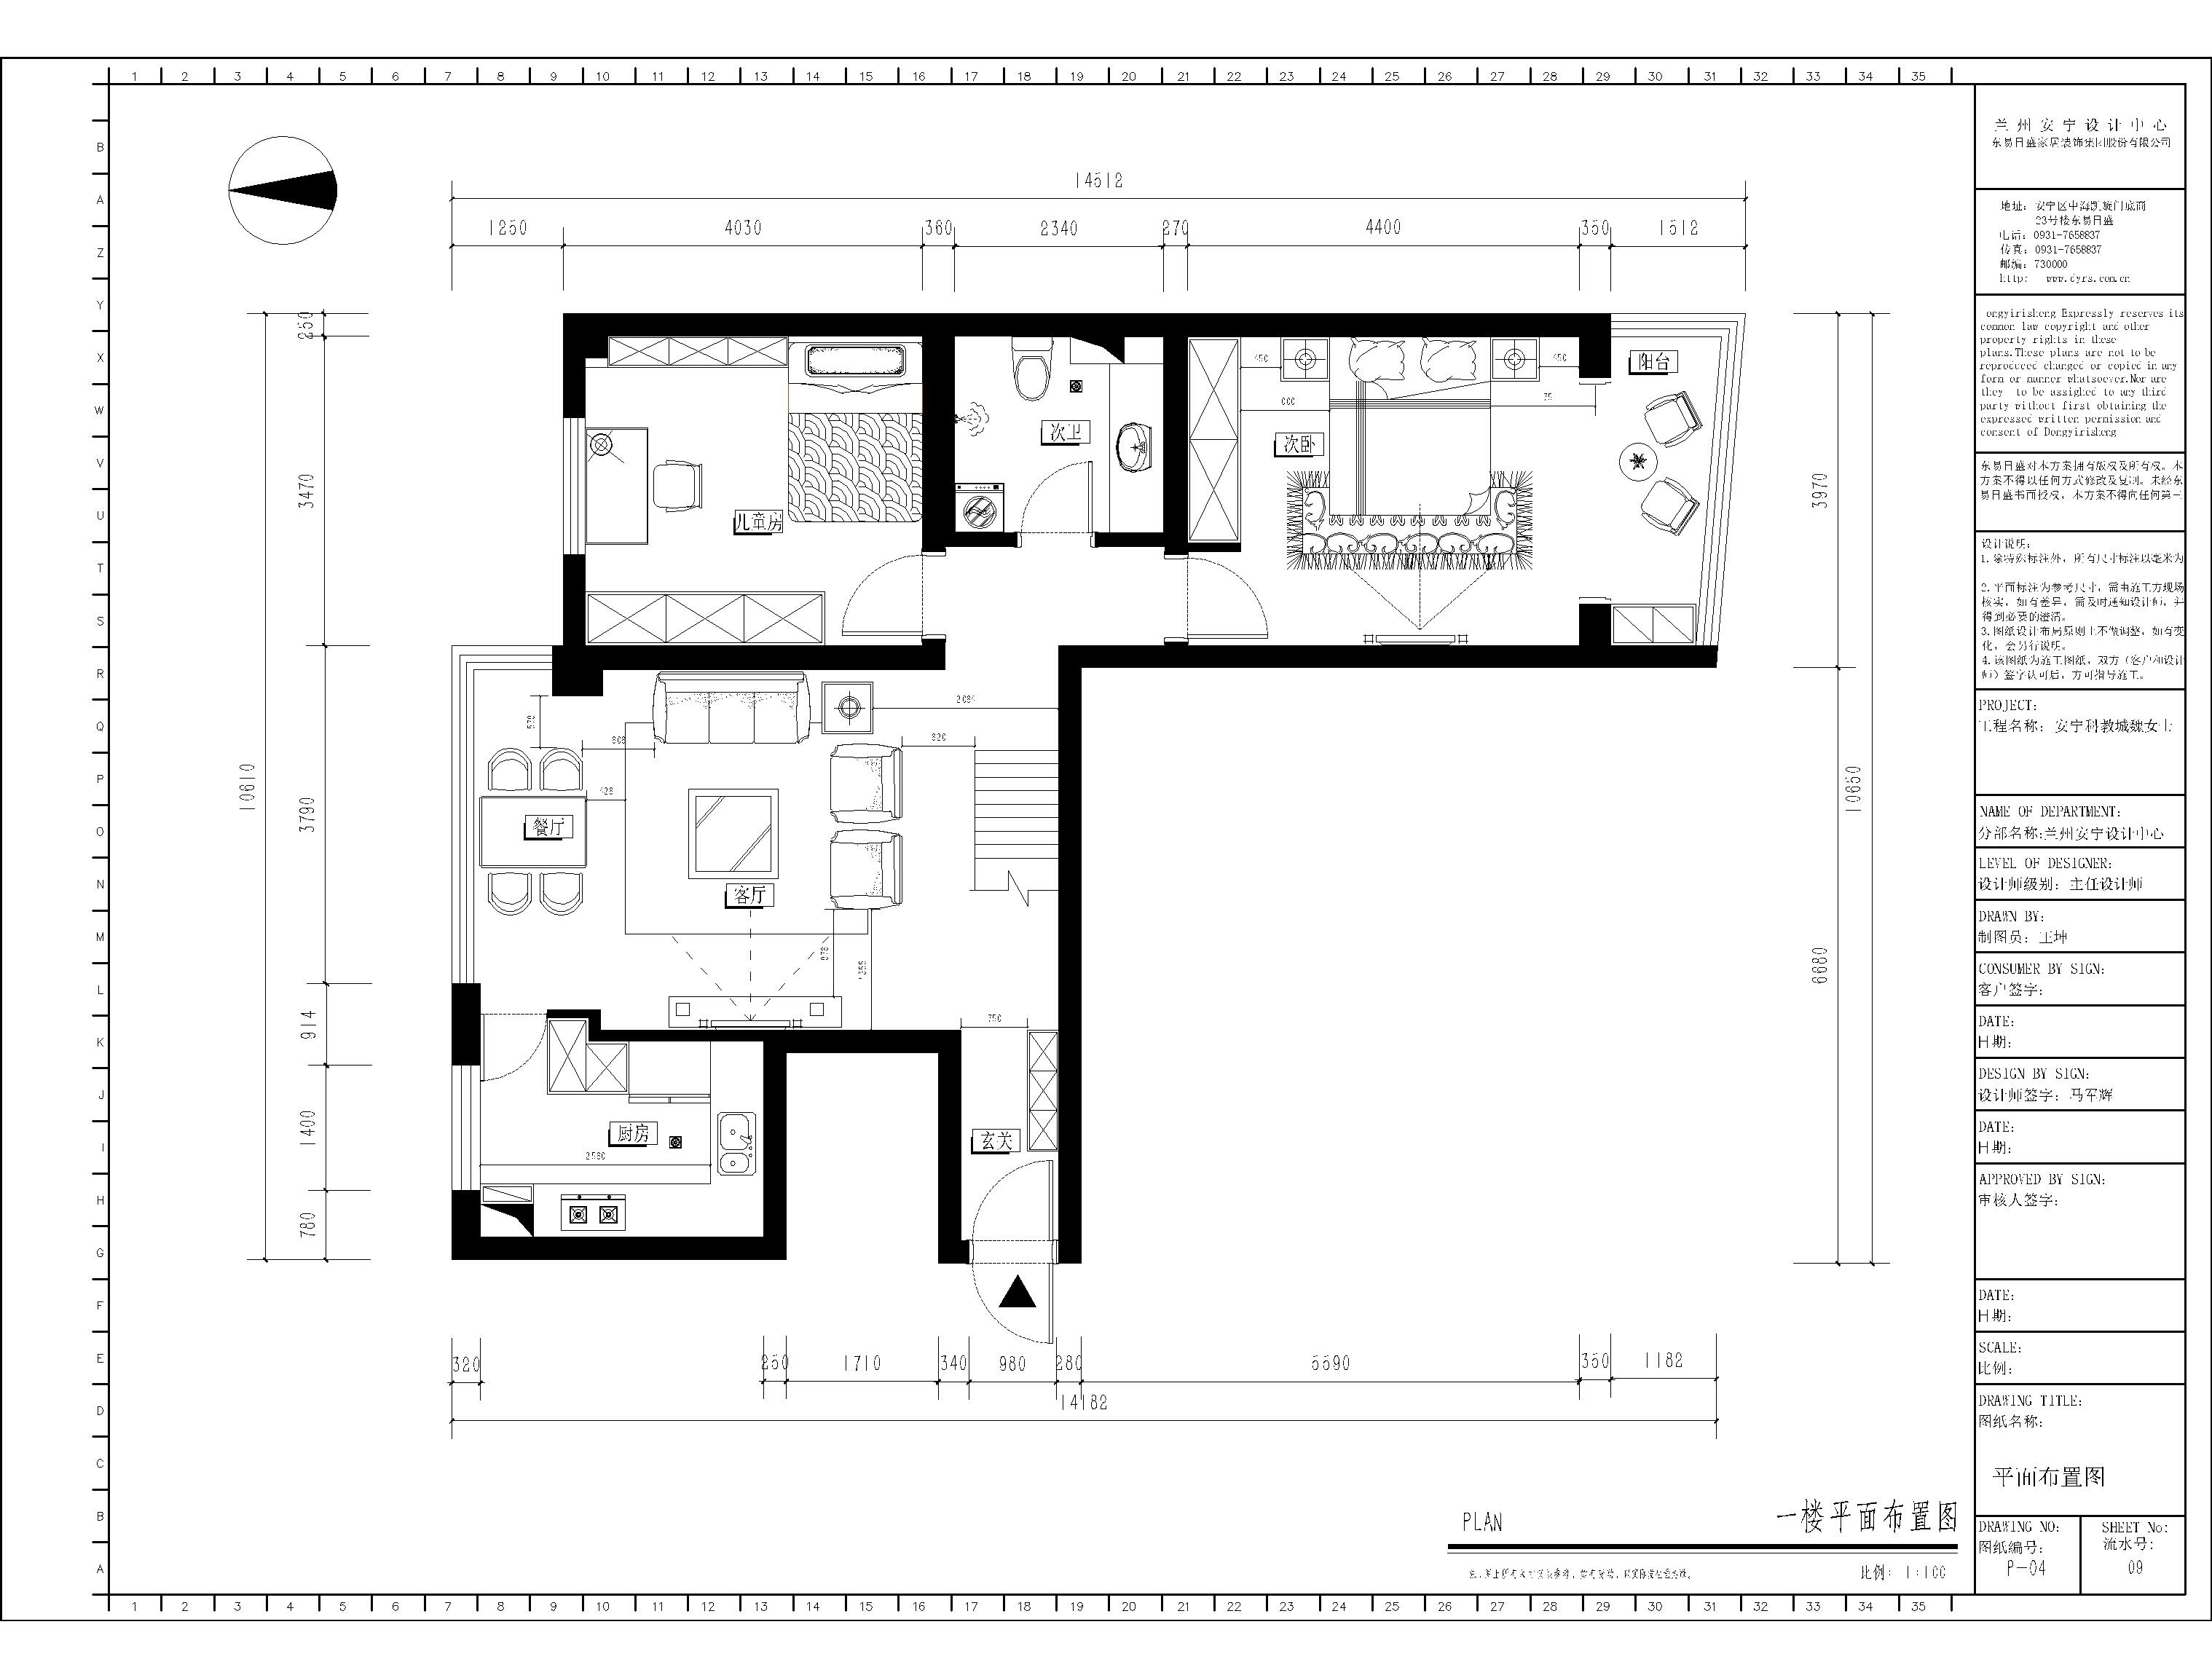 安宁科教城小区-150平米-新中式风格装修效果图装修设计理念